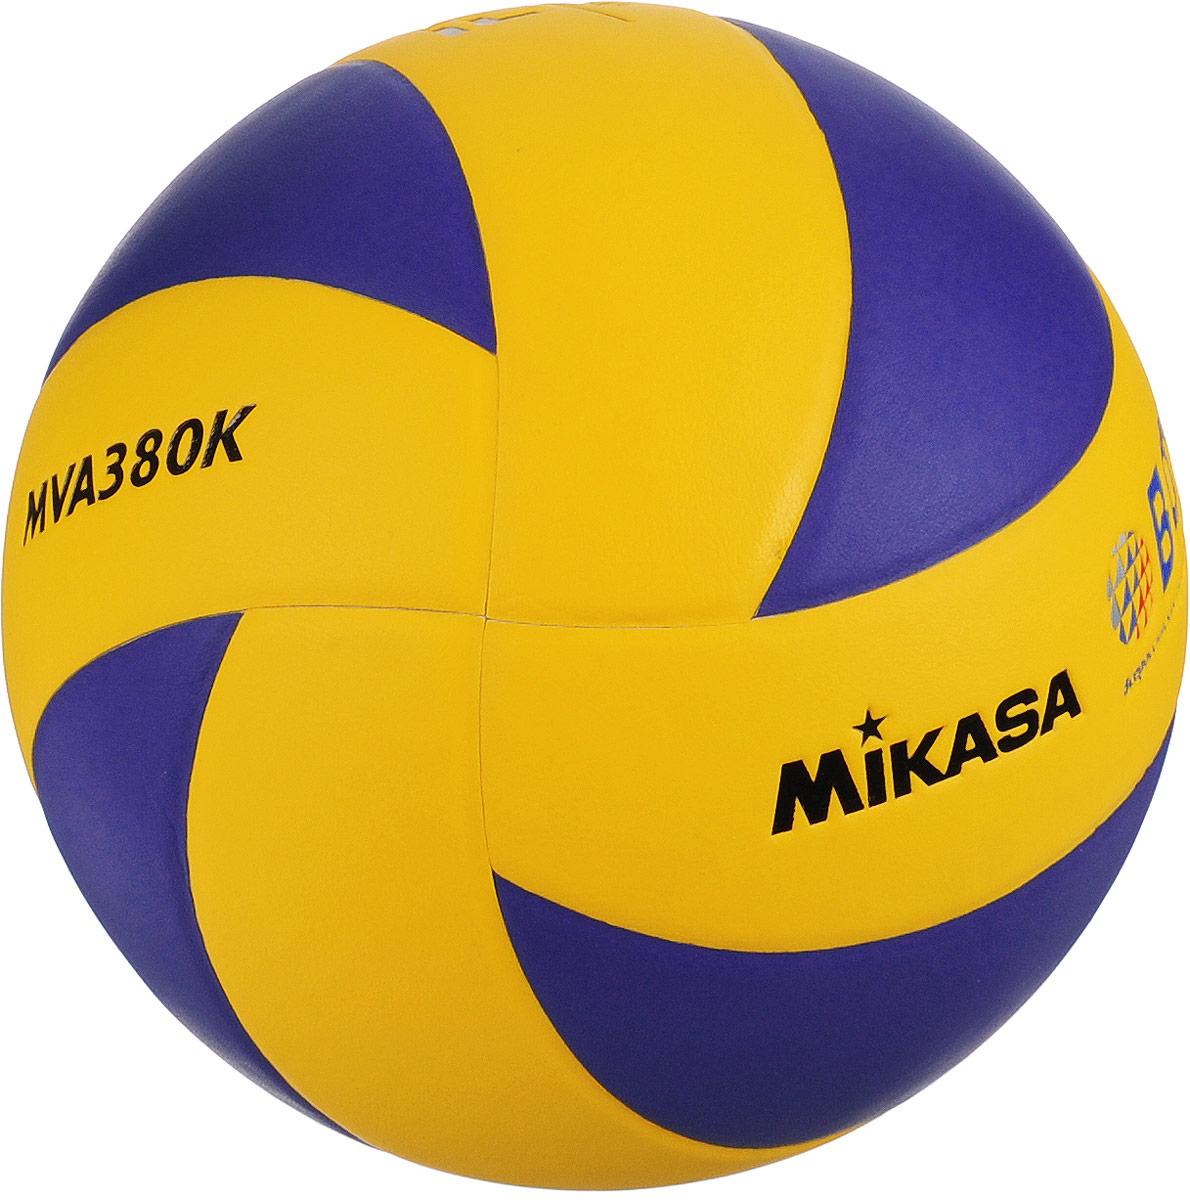 Мяч волейбольный Mikasa MVA 380K. Размер 5120330_yellow/blackMikasa MVA 380K- этотренировочный и любительский мяч для тех, кто хочет играть в течение длительного времени настоящим брендовым мячом. Мяч состоит из 8 панелей, выполненных из синтетической кожи (поливинилхлорид). Камера выполнена из бутила и армирована нейлоновой нитью.УВАЖЕМЫЕ КЛИЕНТЫ!Обращаем ваше внимание на тот факт, что мяч поставляется в сдутом виде. Насос в комплект не входит.